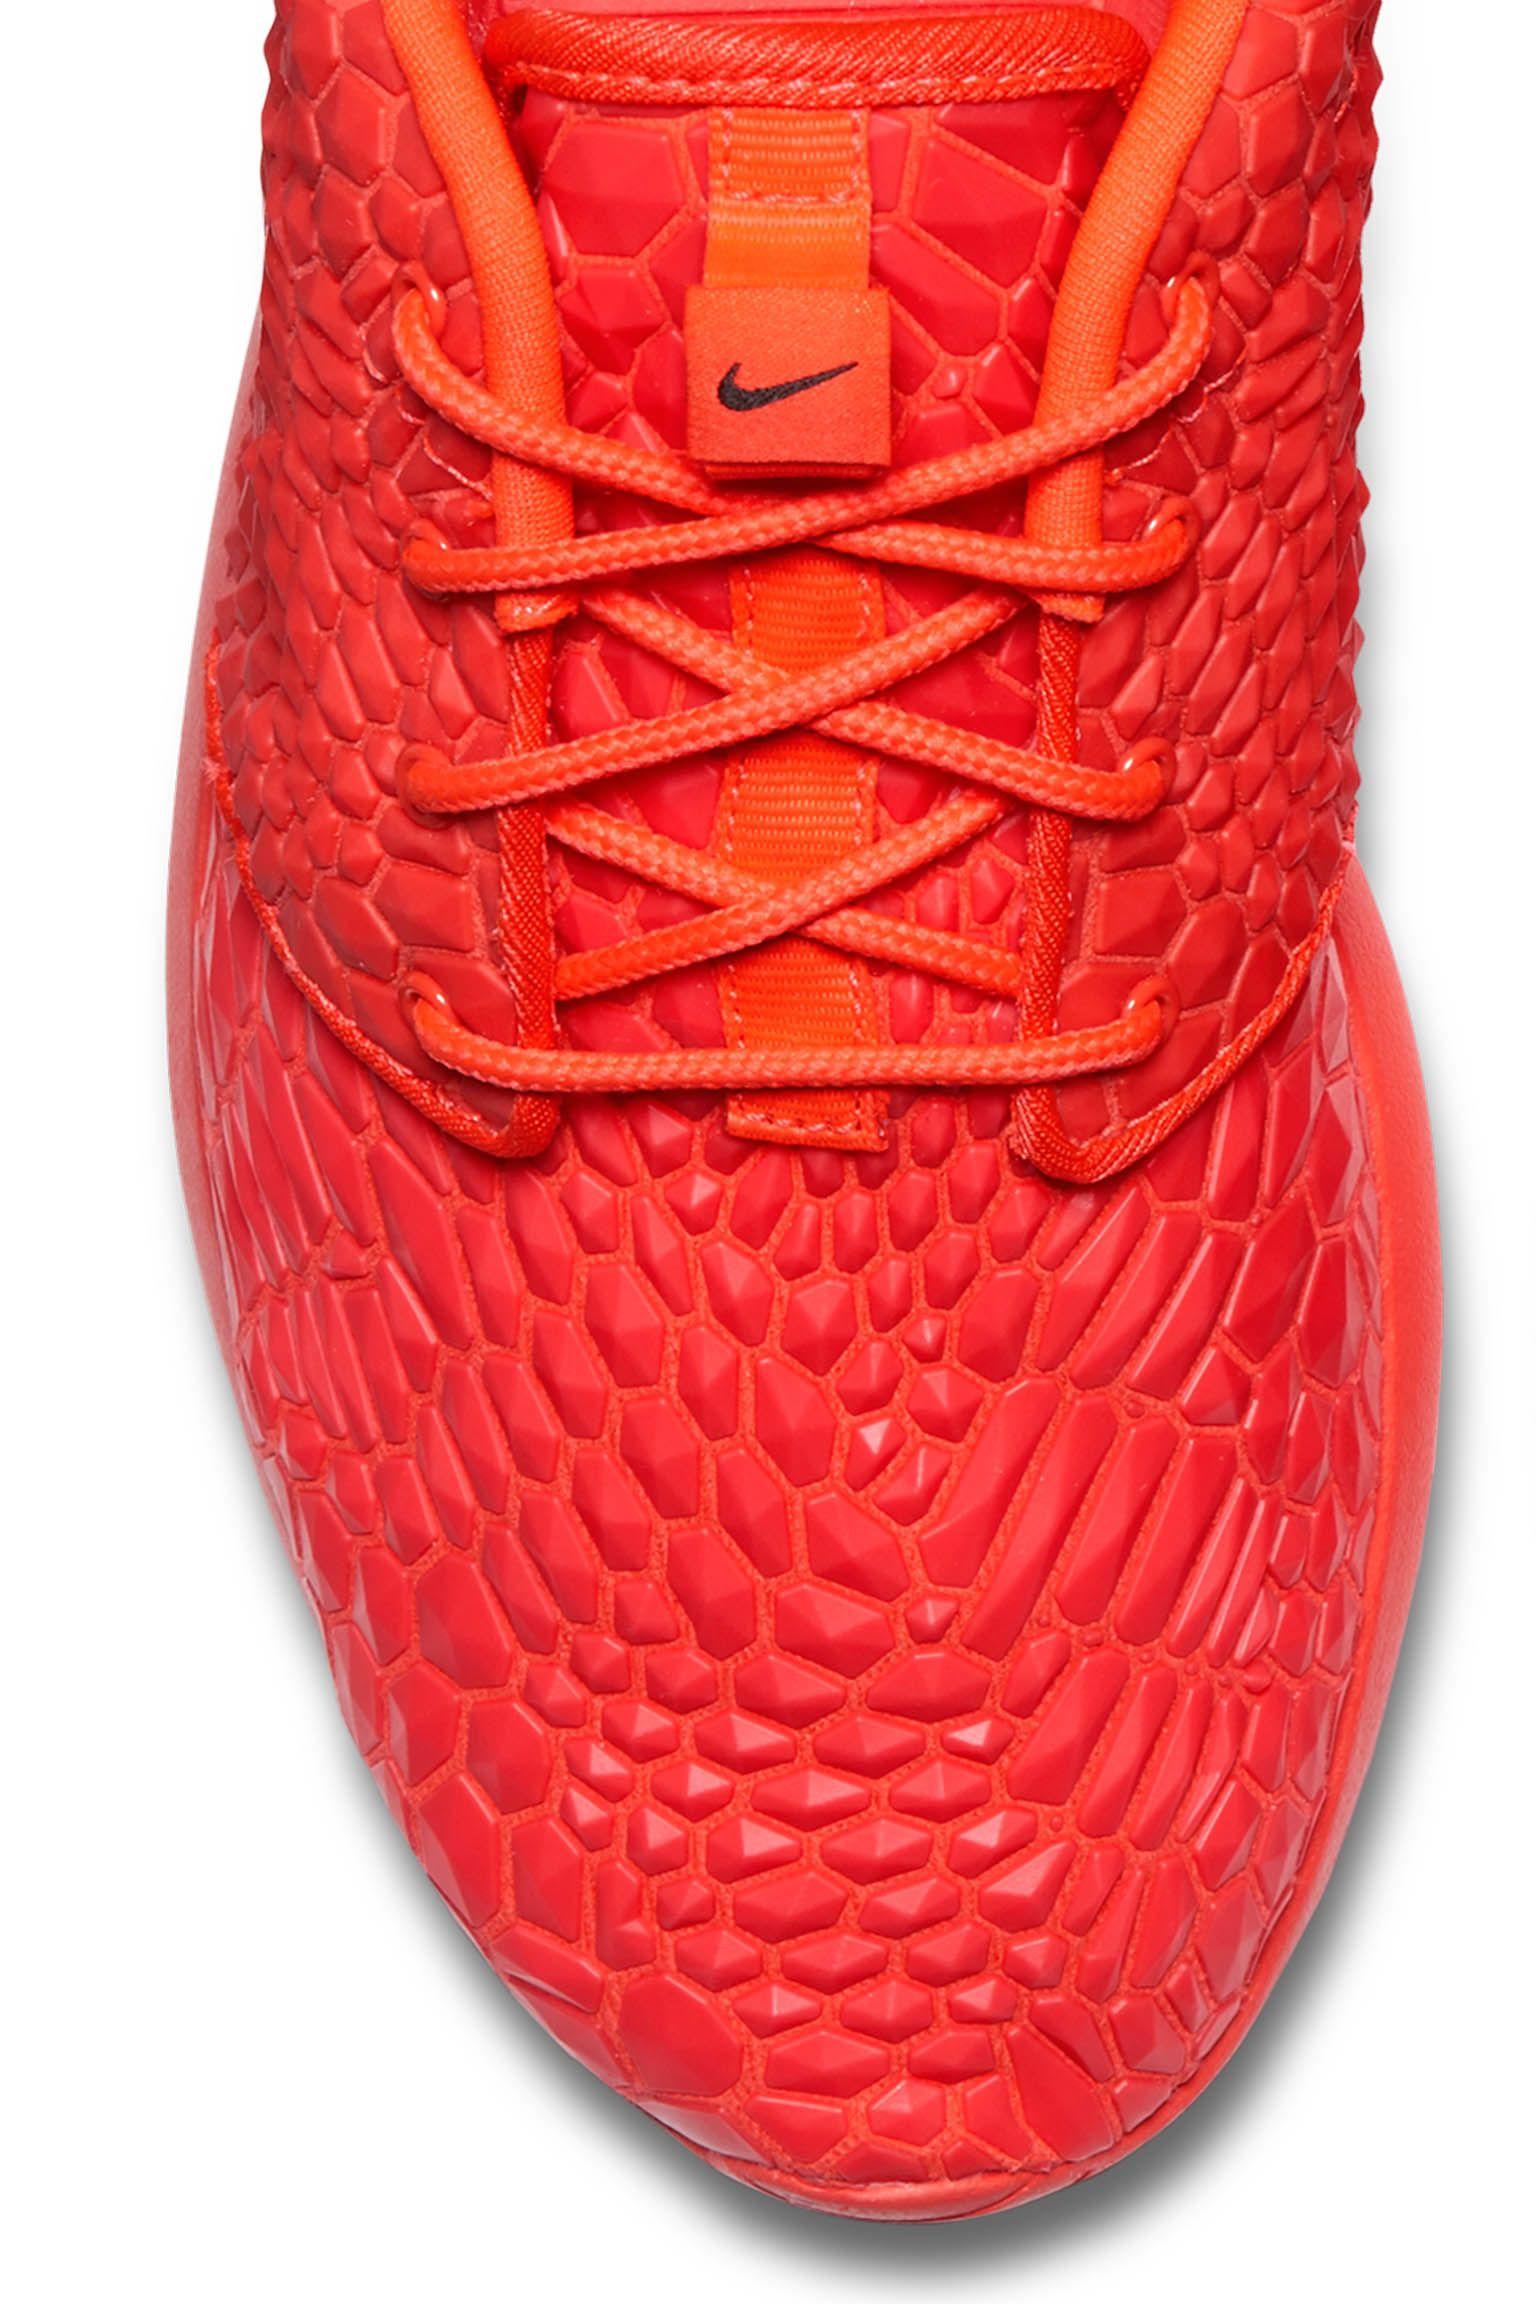 Women's Nike Roshe One DMB 'Bright Crimson'